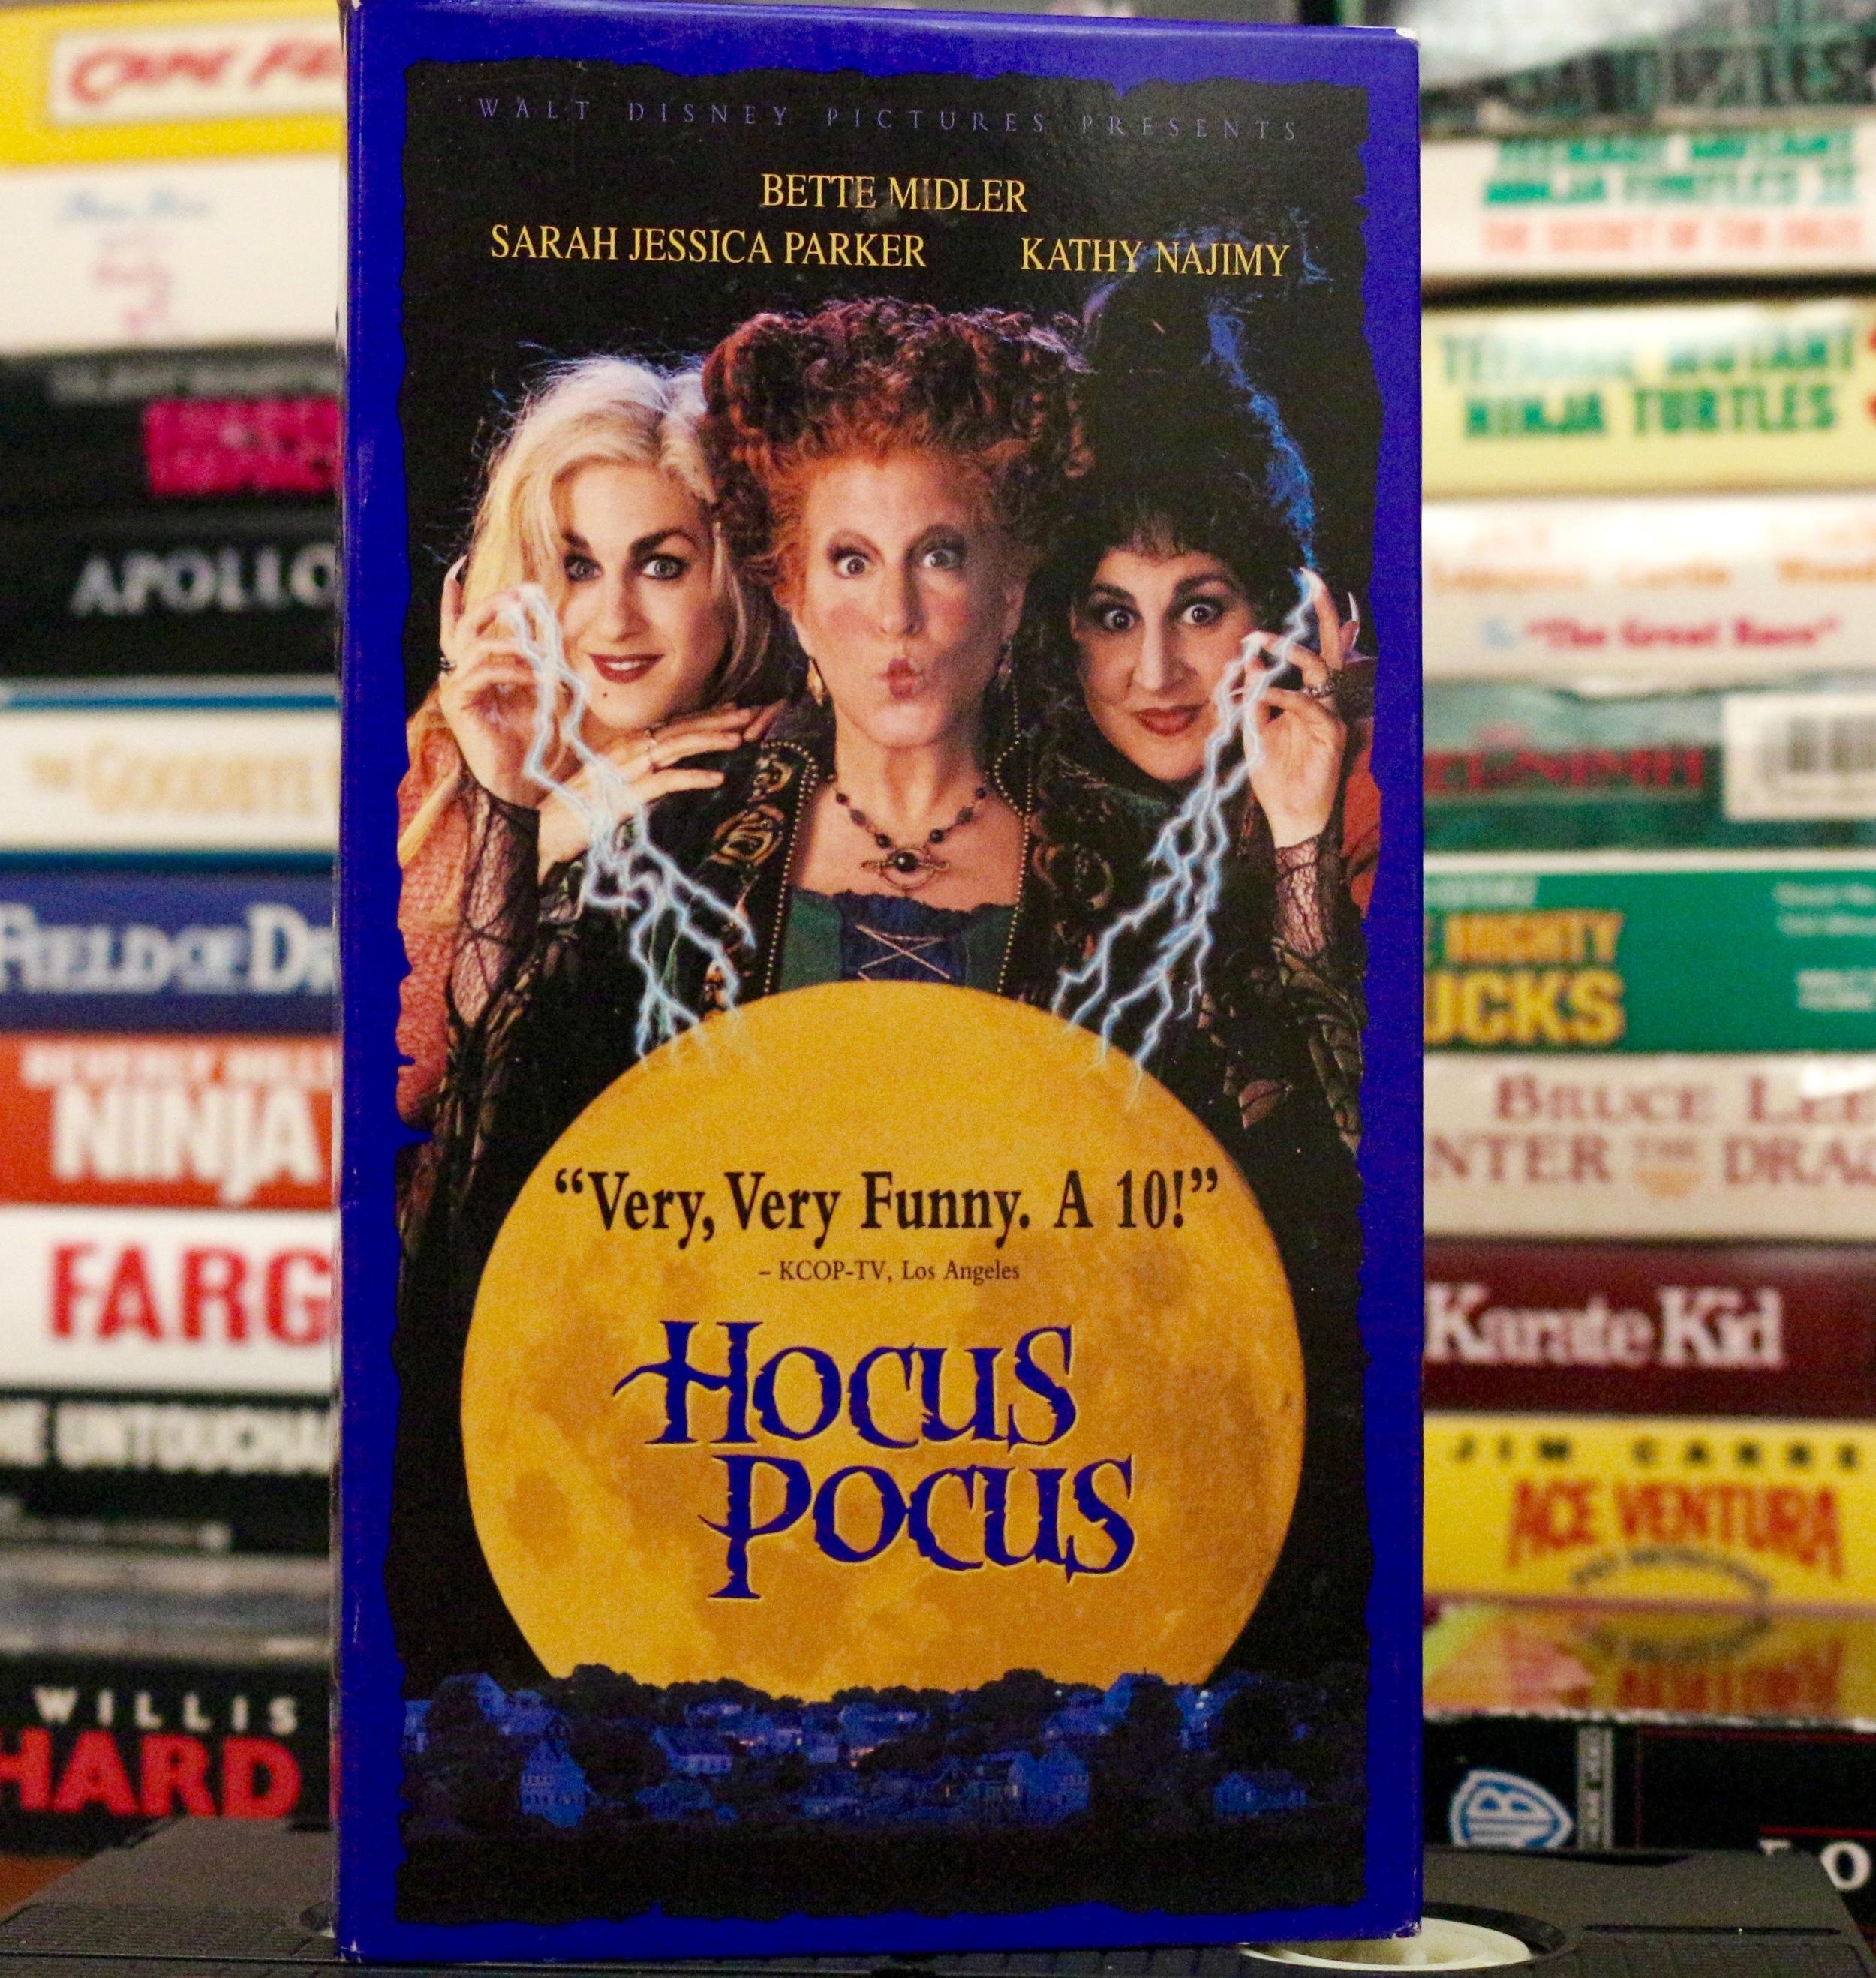 10. Hocus Pocus